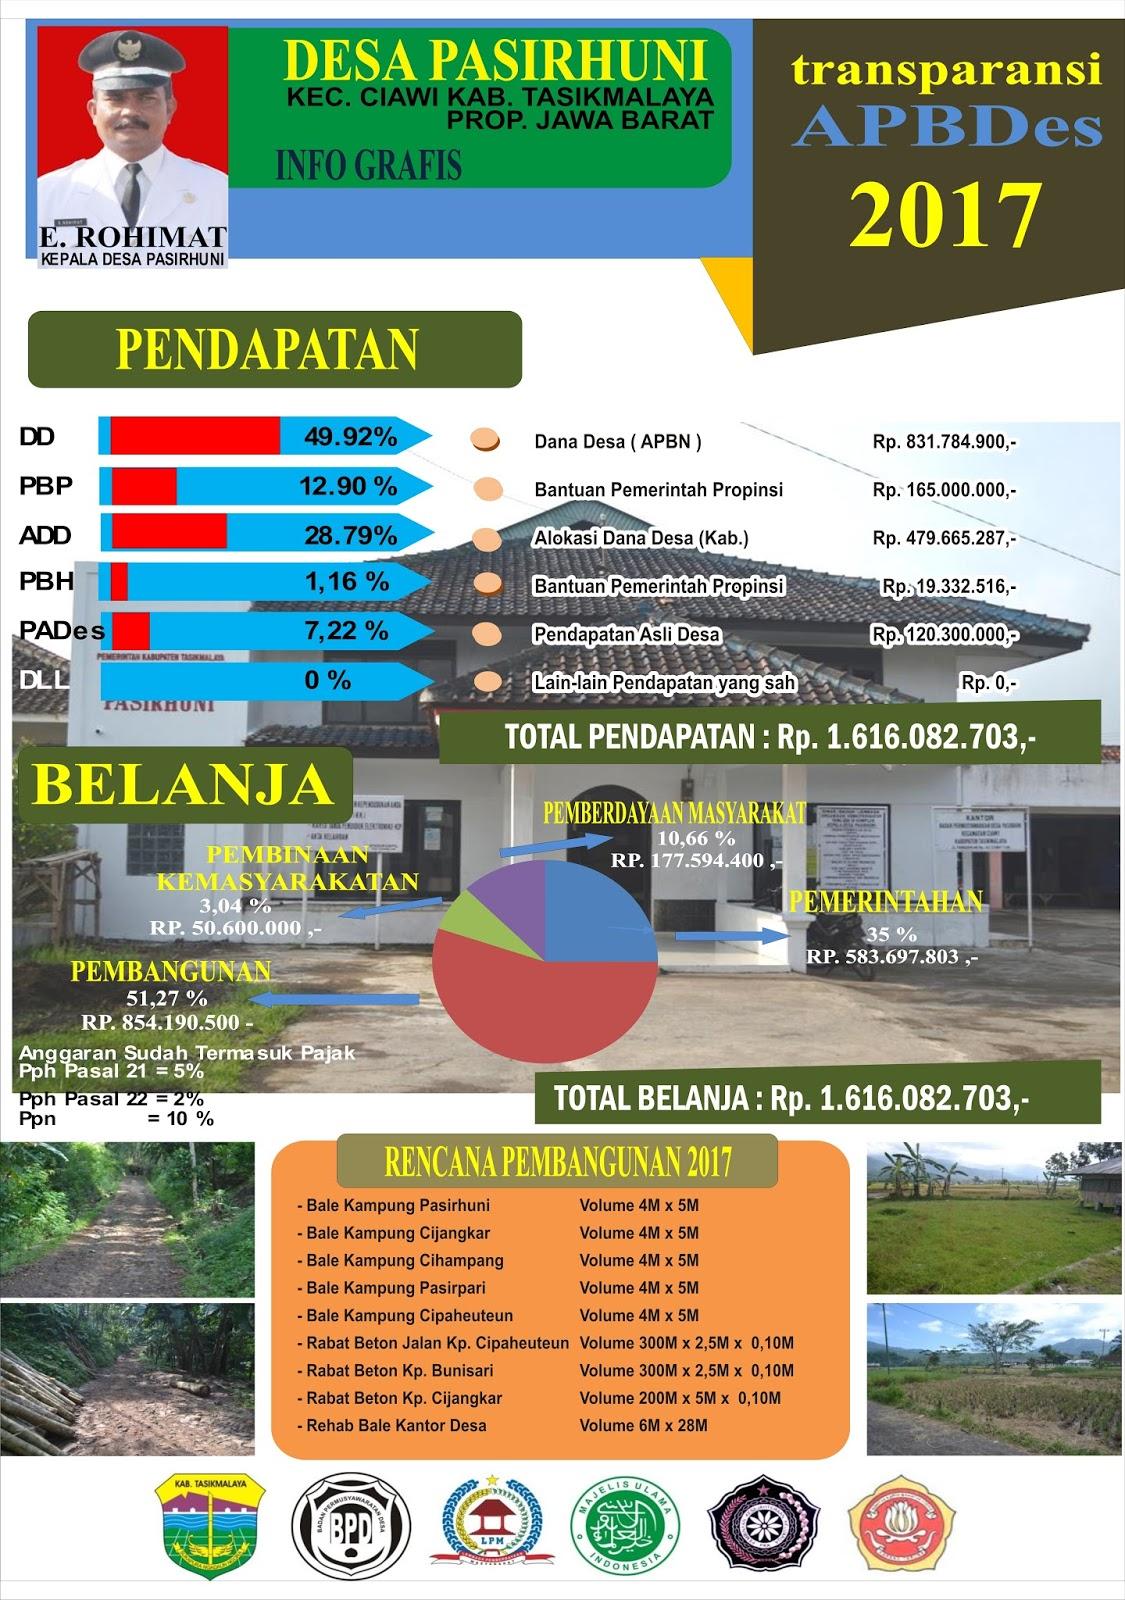 Download Contoh Baliho APBDES Format CDR terbaru - KARYAKU